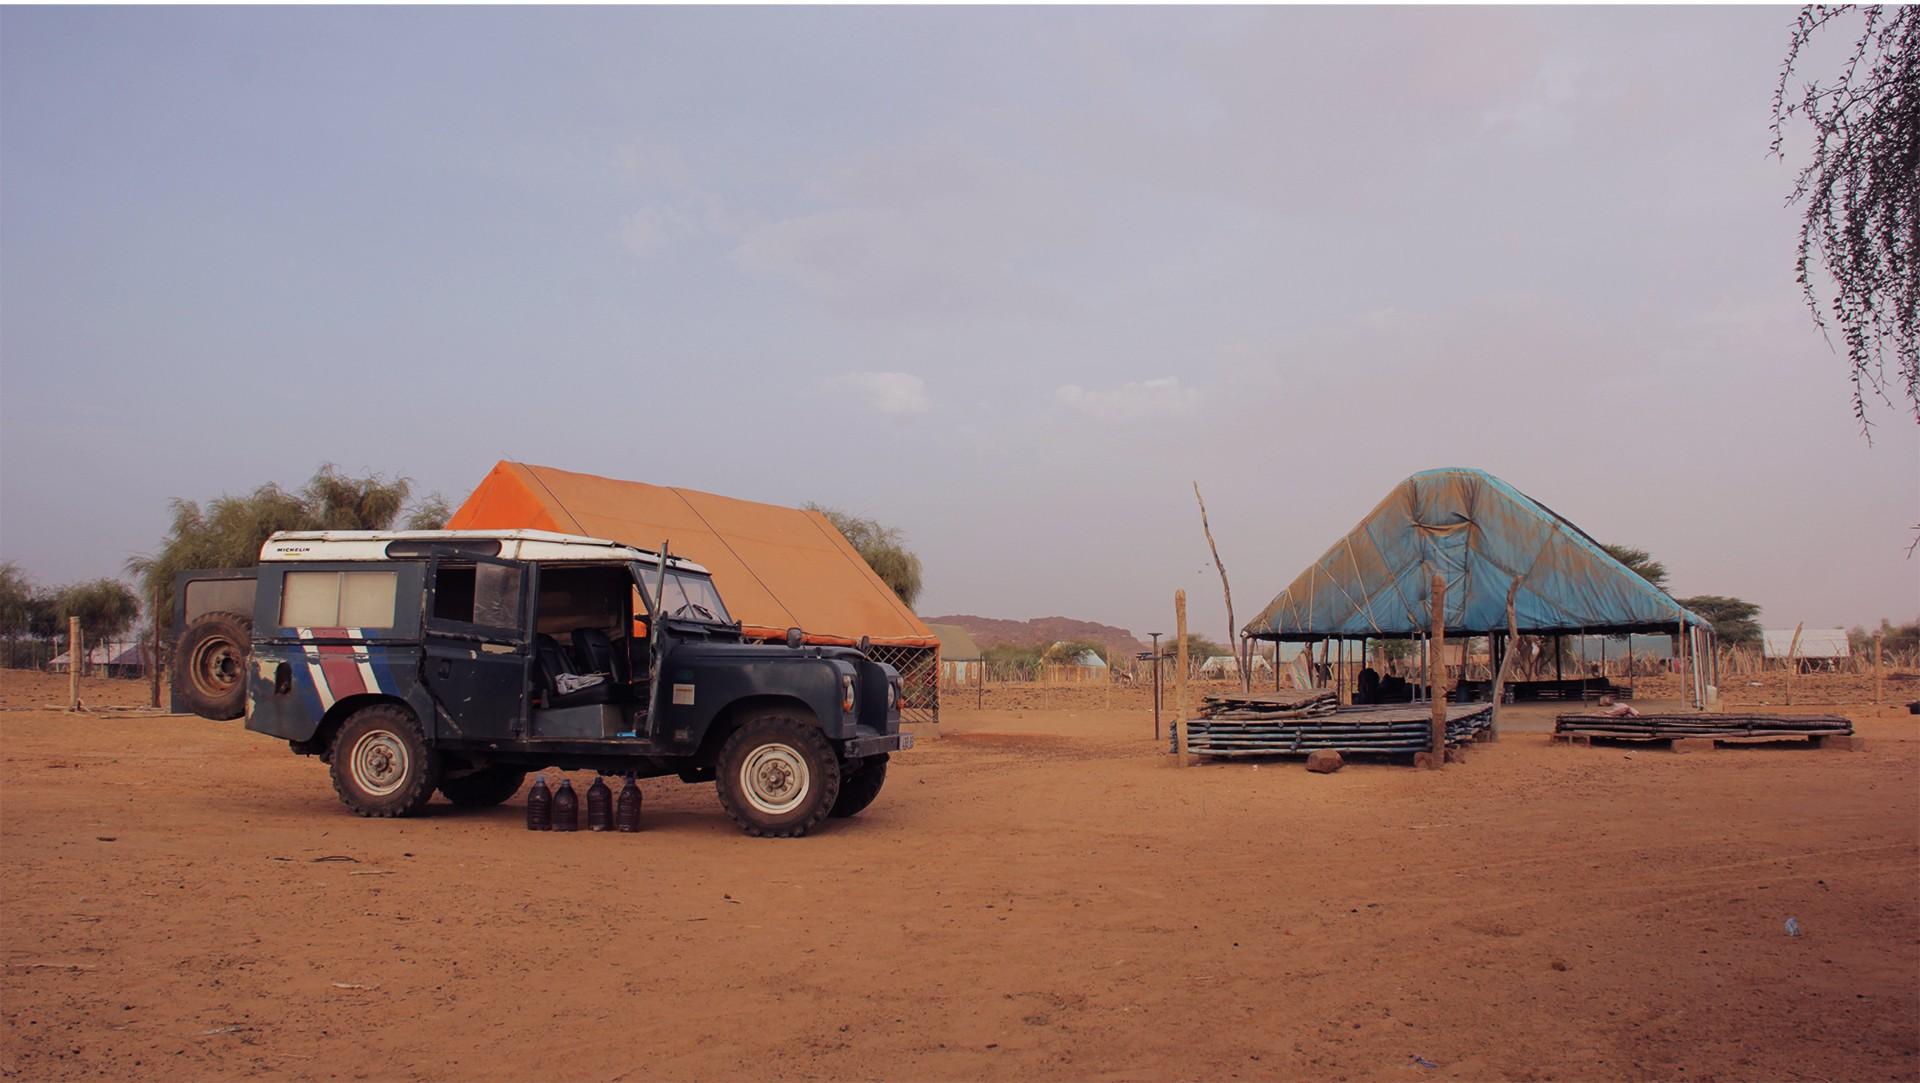 land rover mauritania pablocaminante - Mauritania 4/5, Nouakchott a Gogui